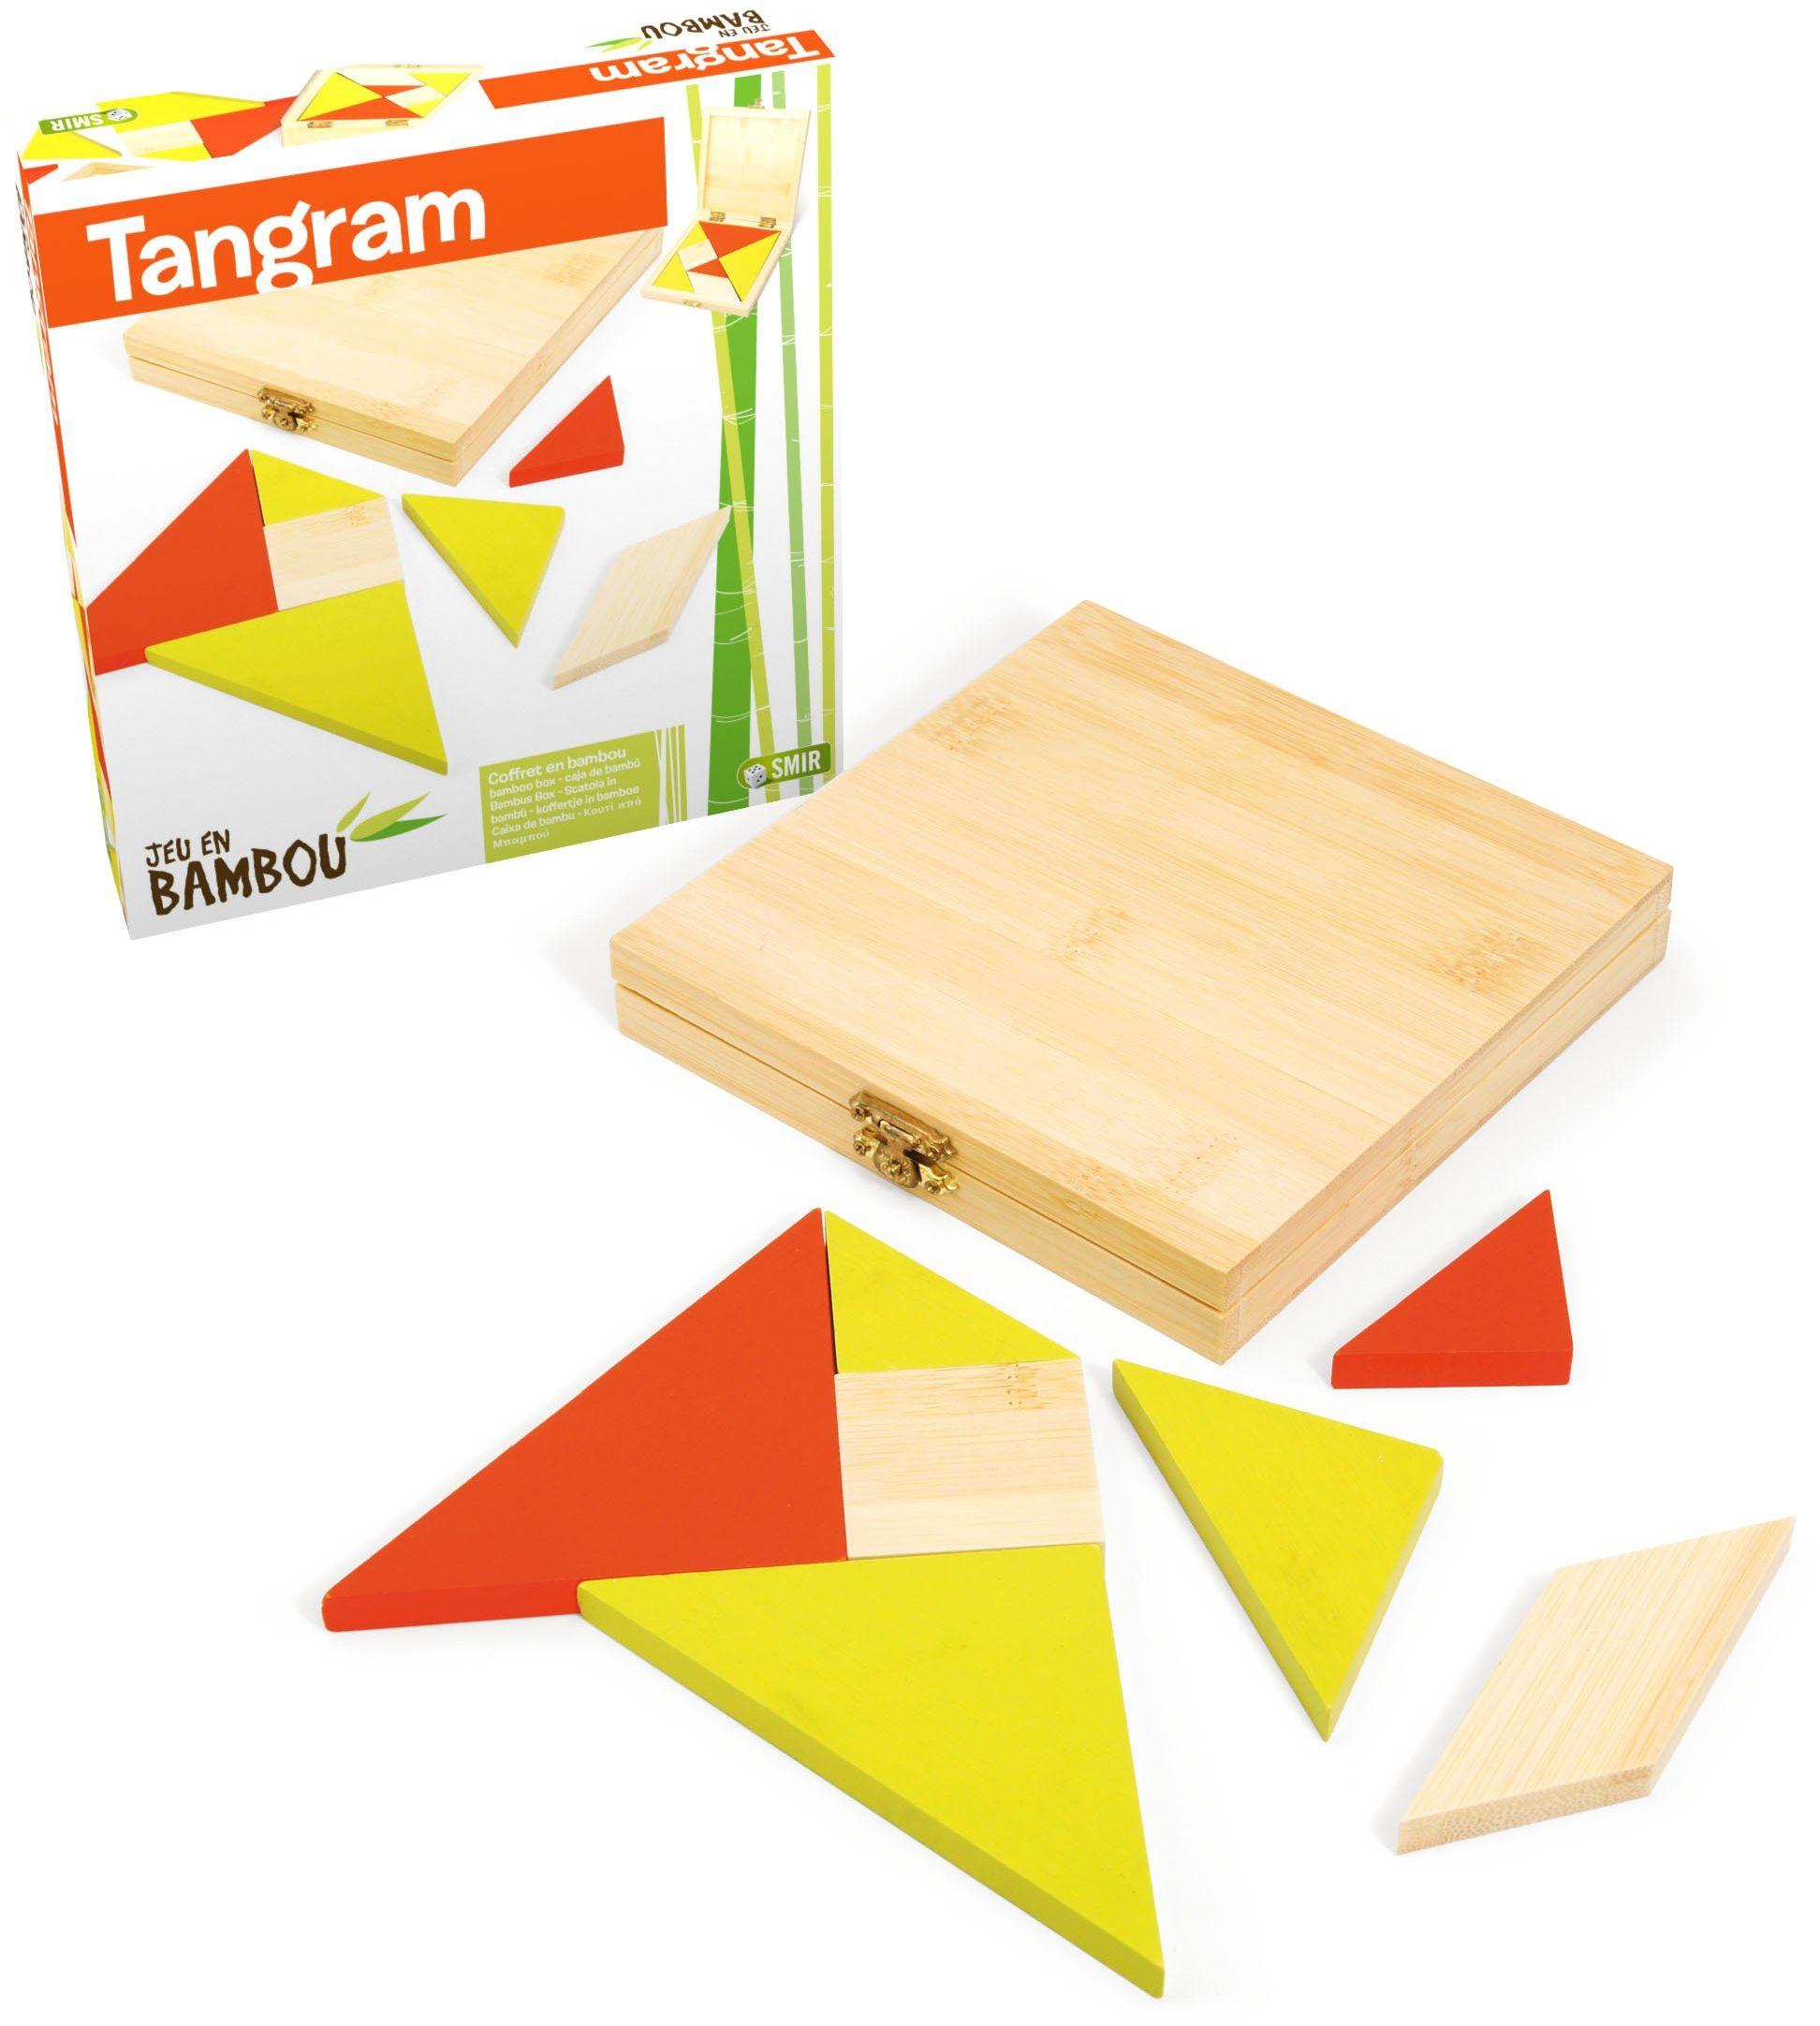 Jeujura JeujuraJ66103 Tangram gra w bambusu, wielokolorowa